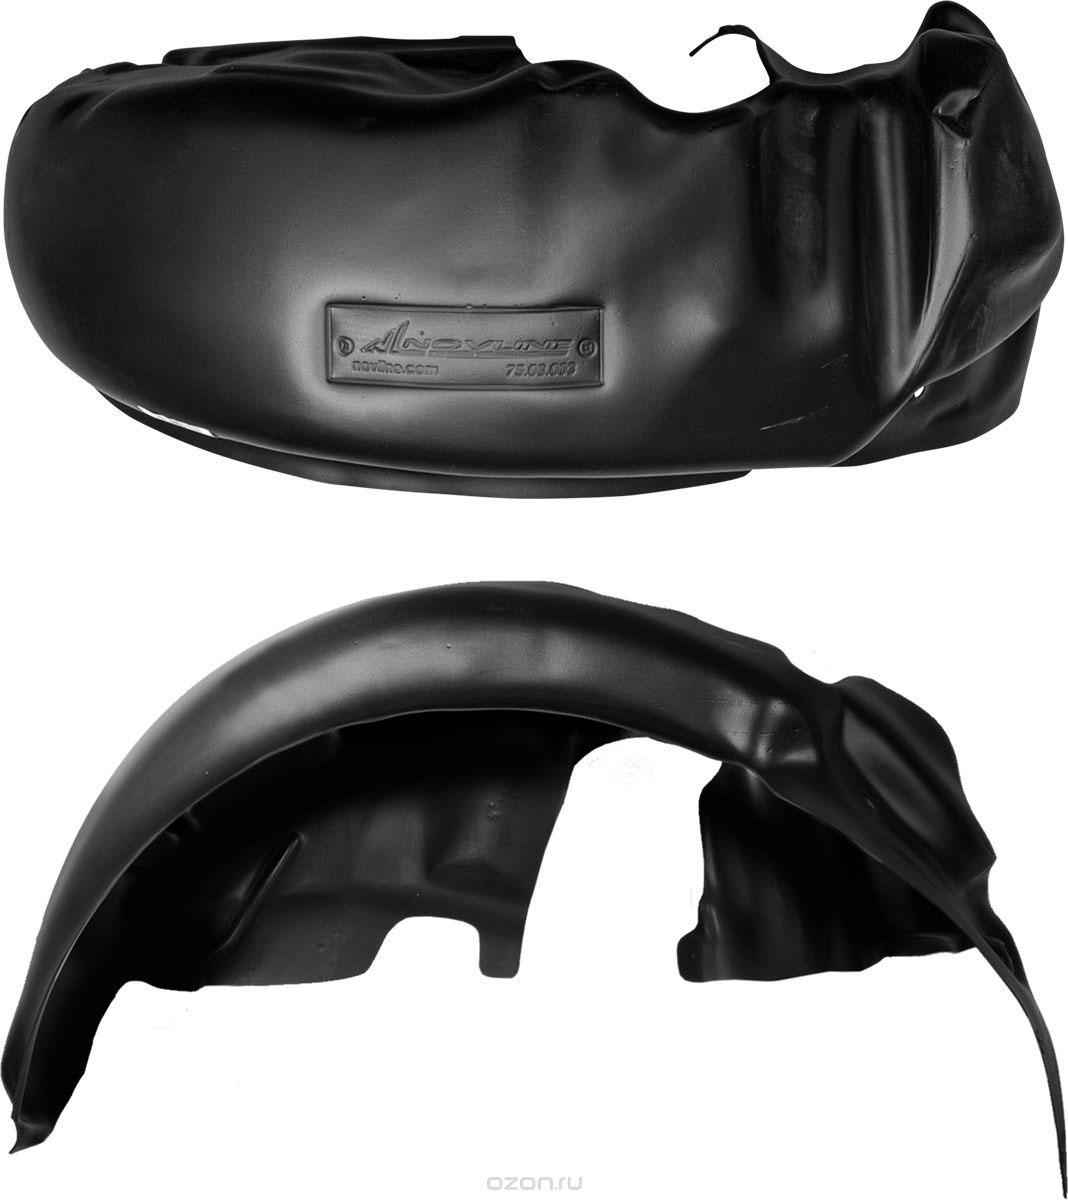 Подкрылок Novline-Autofamily, для ВАЗ 2113-15, 1997-2013, задний правый000714Идеальная защита колесной ниши. Локеры разработаны с применением цифровых технологий, гарантируют максимальную повторяемость поверхности арки. Изделия устанавливаются без нарушения лакокрасочного покрытия автомобиля, каждый подкрылок комплектуется крепежом. Уважаемые клиенты, обращаем ваше внимание, что фотографии на подкрылки универсальные и не отражают реальную форму изделия. При этом само изделие идет точно под размер указанного автомобиля.